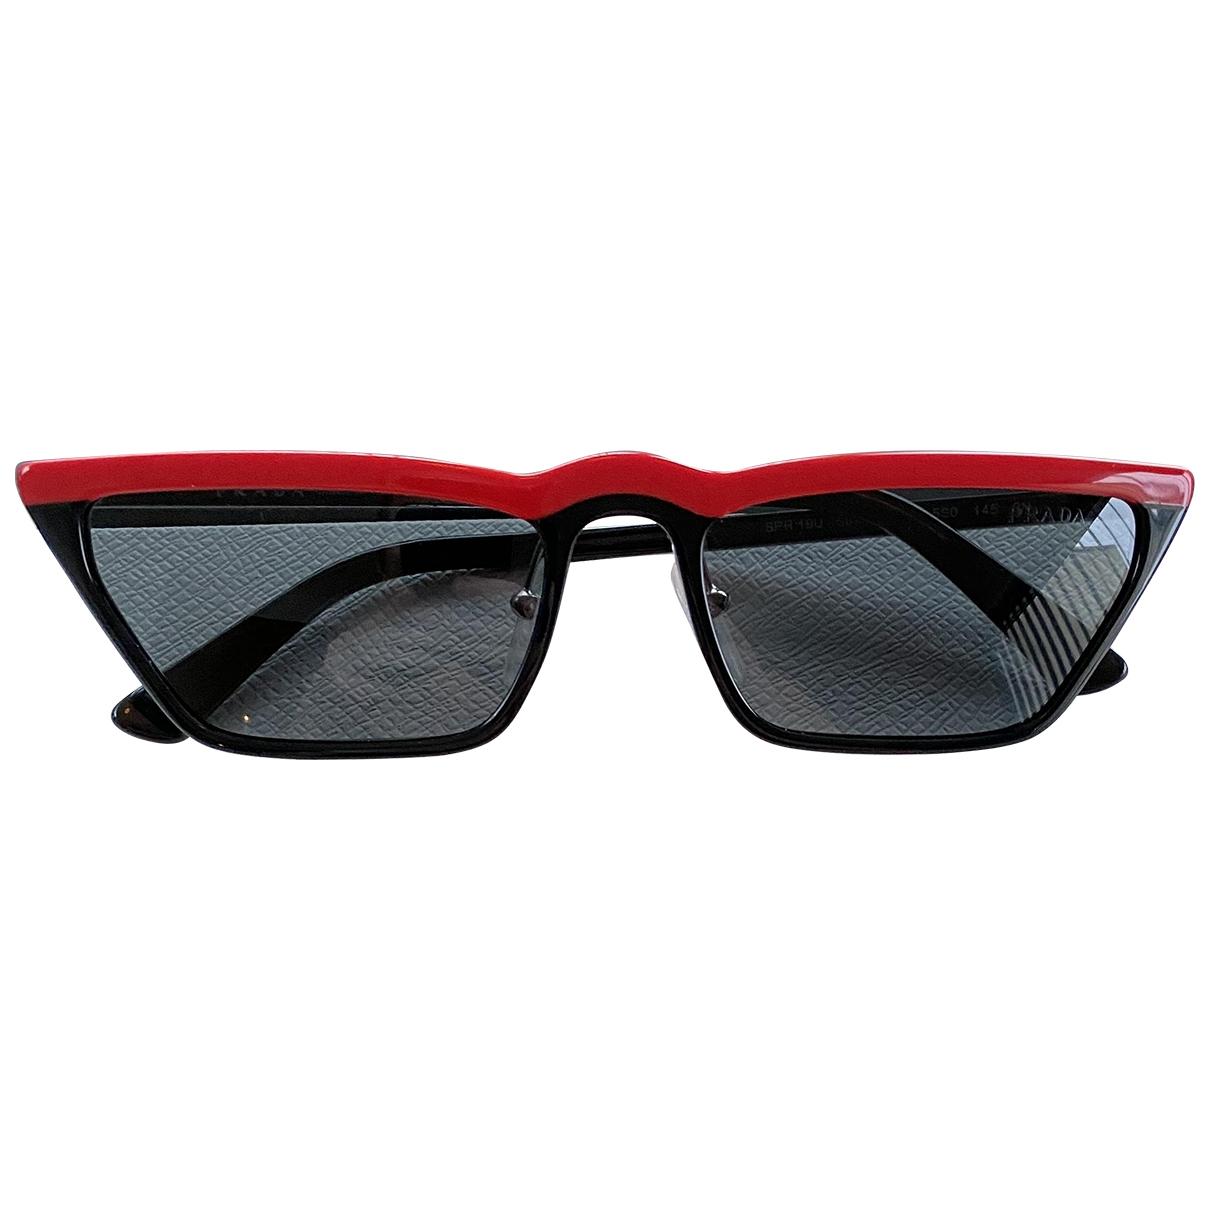 Gafas Ultravox Prada